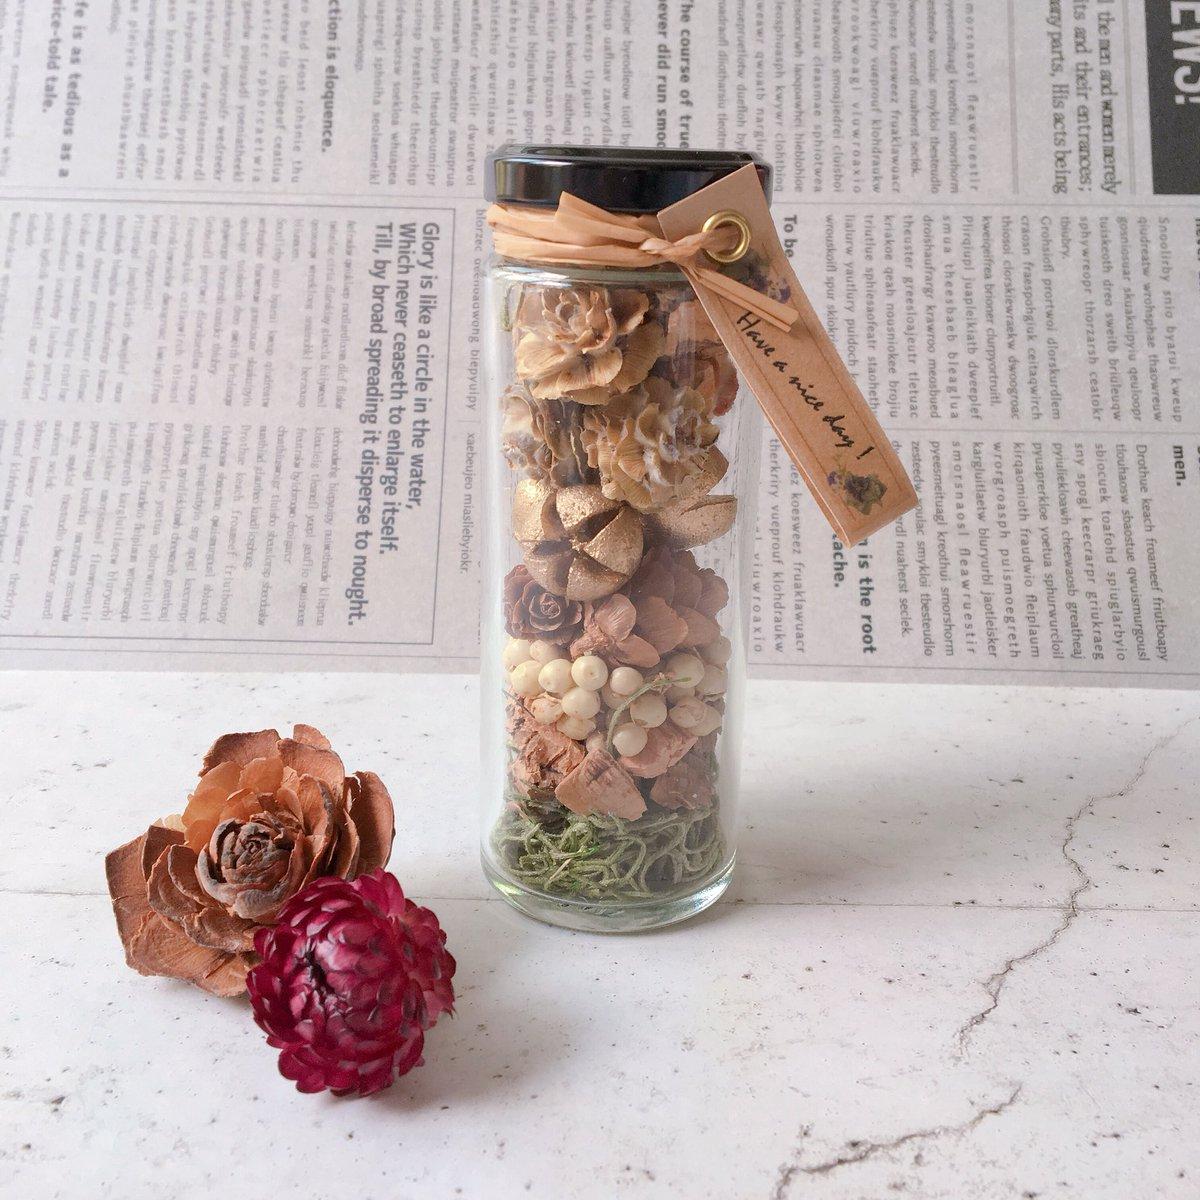 小瓶に秋を詰め込みました。 たくさん並べても素敵です!  https://t.co/IPHqbwRcYE    #minne  #minneで販売中  #ドライフラワー #木の実 #秋 #ペッパーベリー #インテリア #ガラスボトル #インテリアフラワー #フラワーインテリア #結婚式準備 #受付装飾 #前撮り小物 #フラワーギフト #プレゼント https://t.co/0KRVIkgvHd